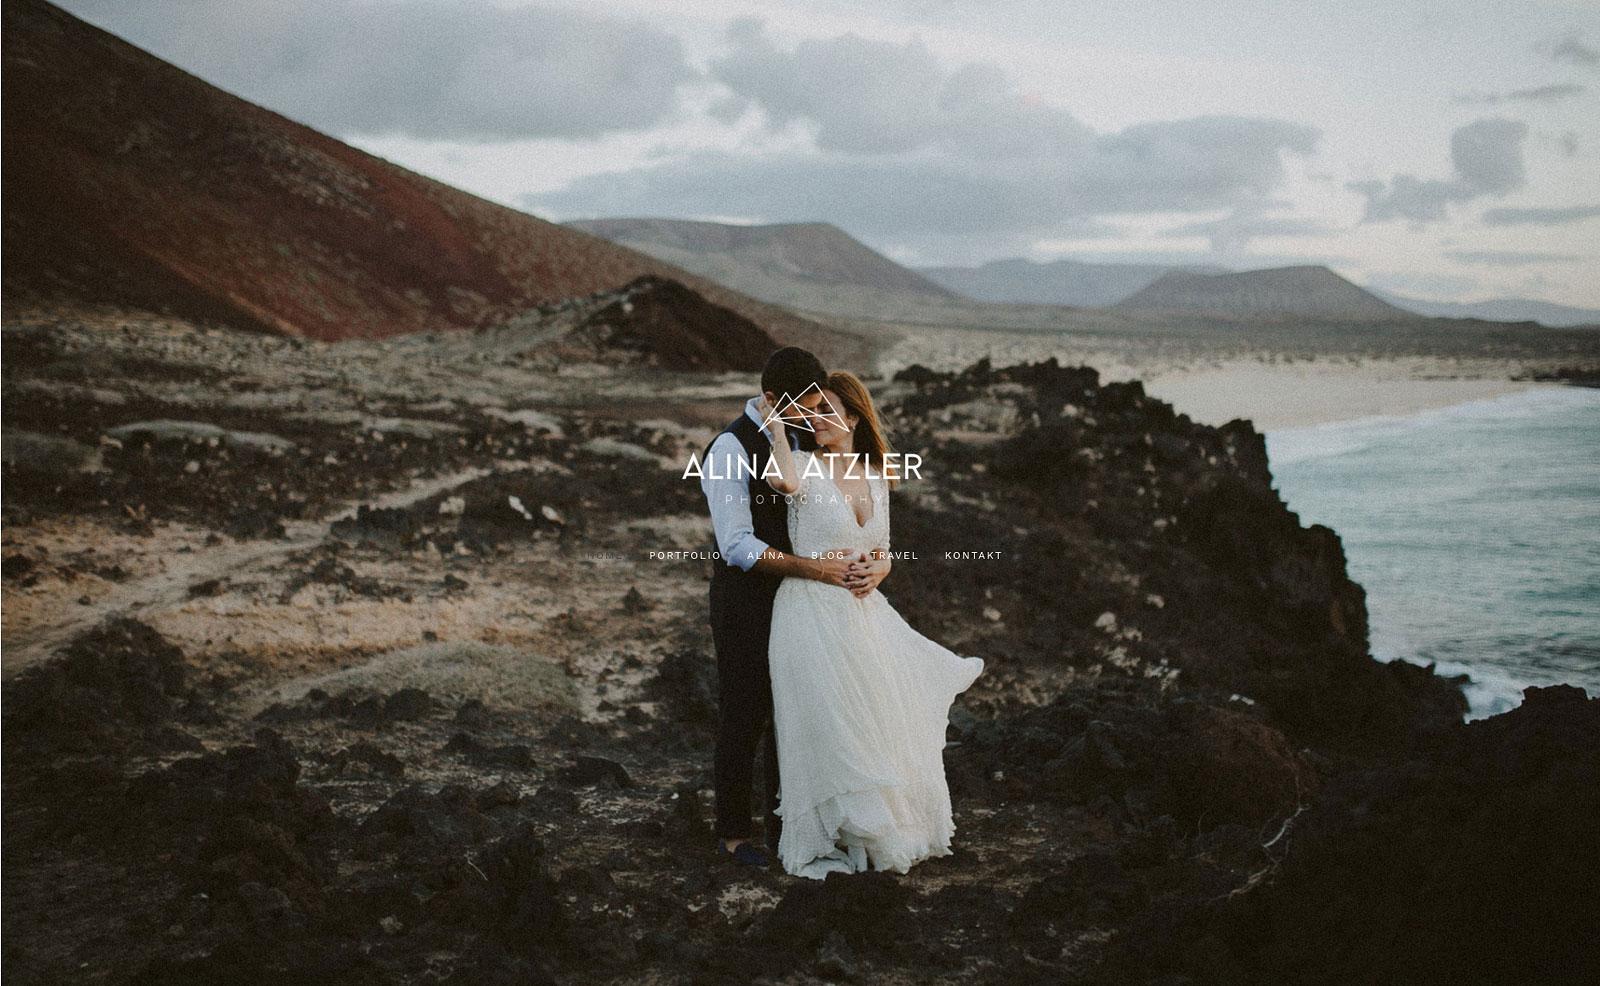 foto homepage website alina atzler